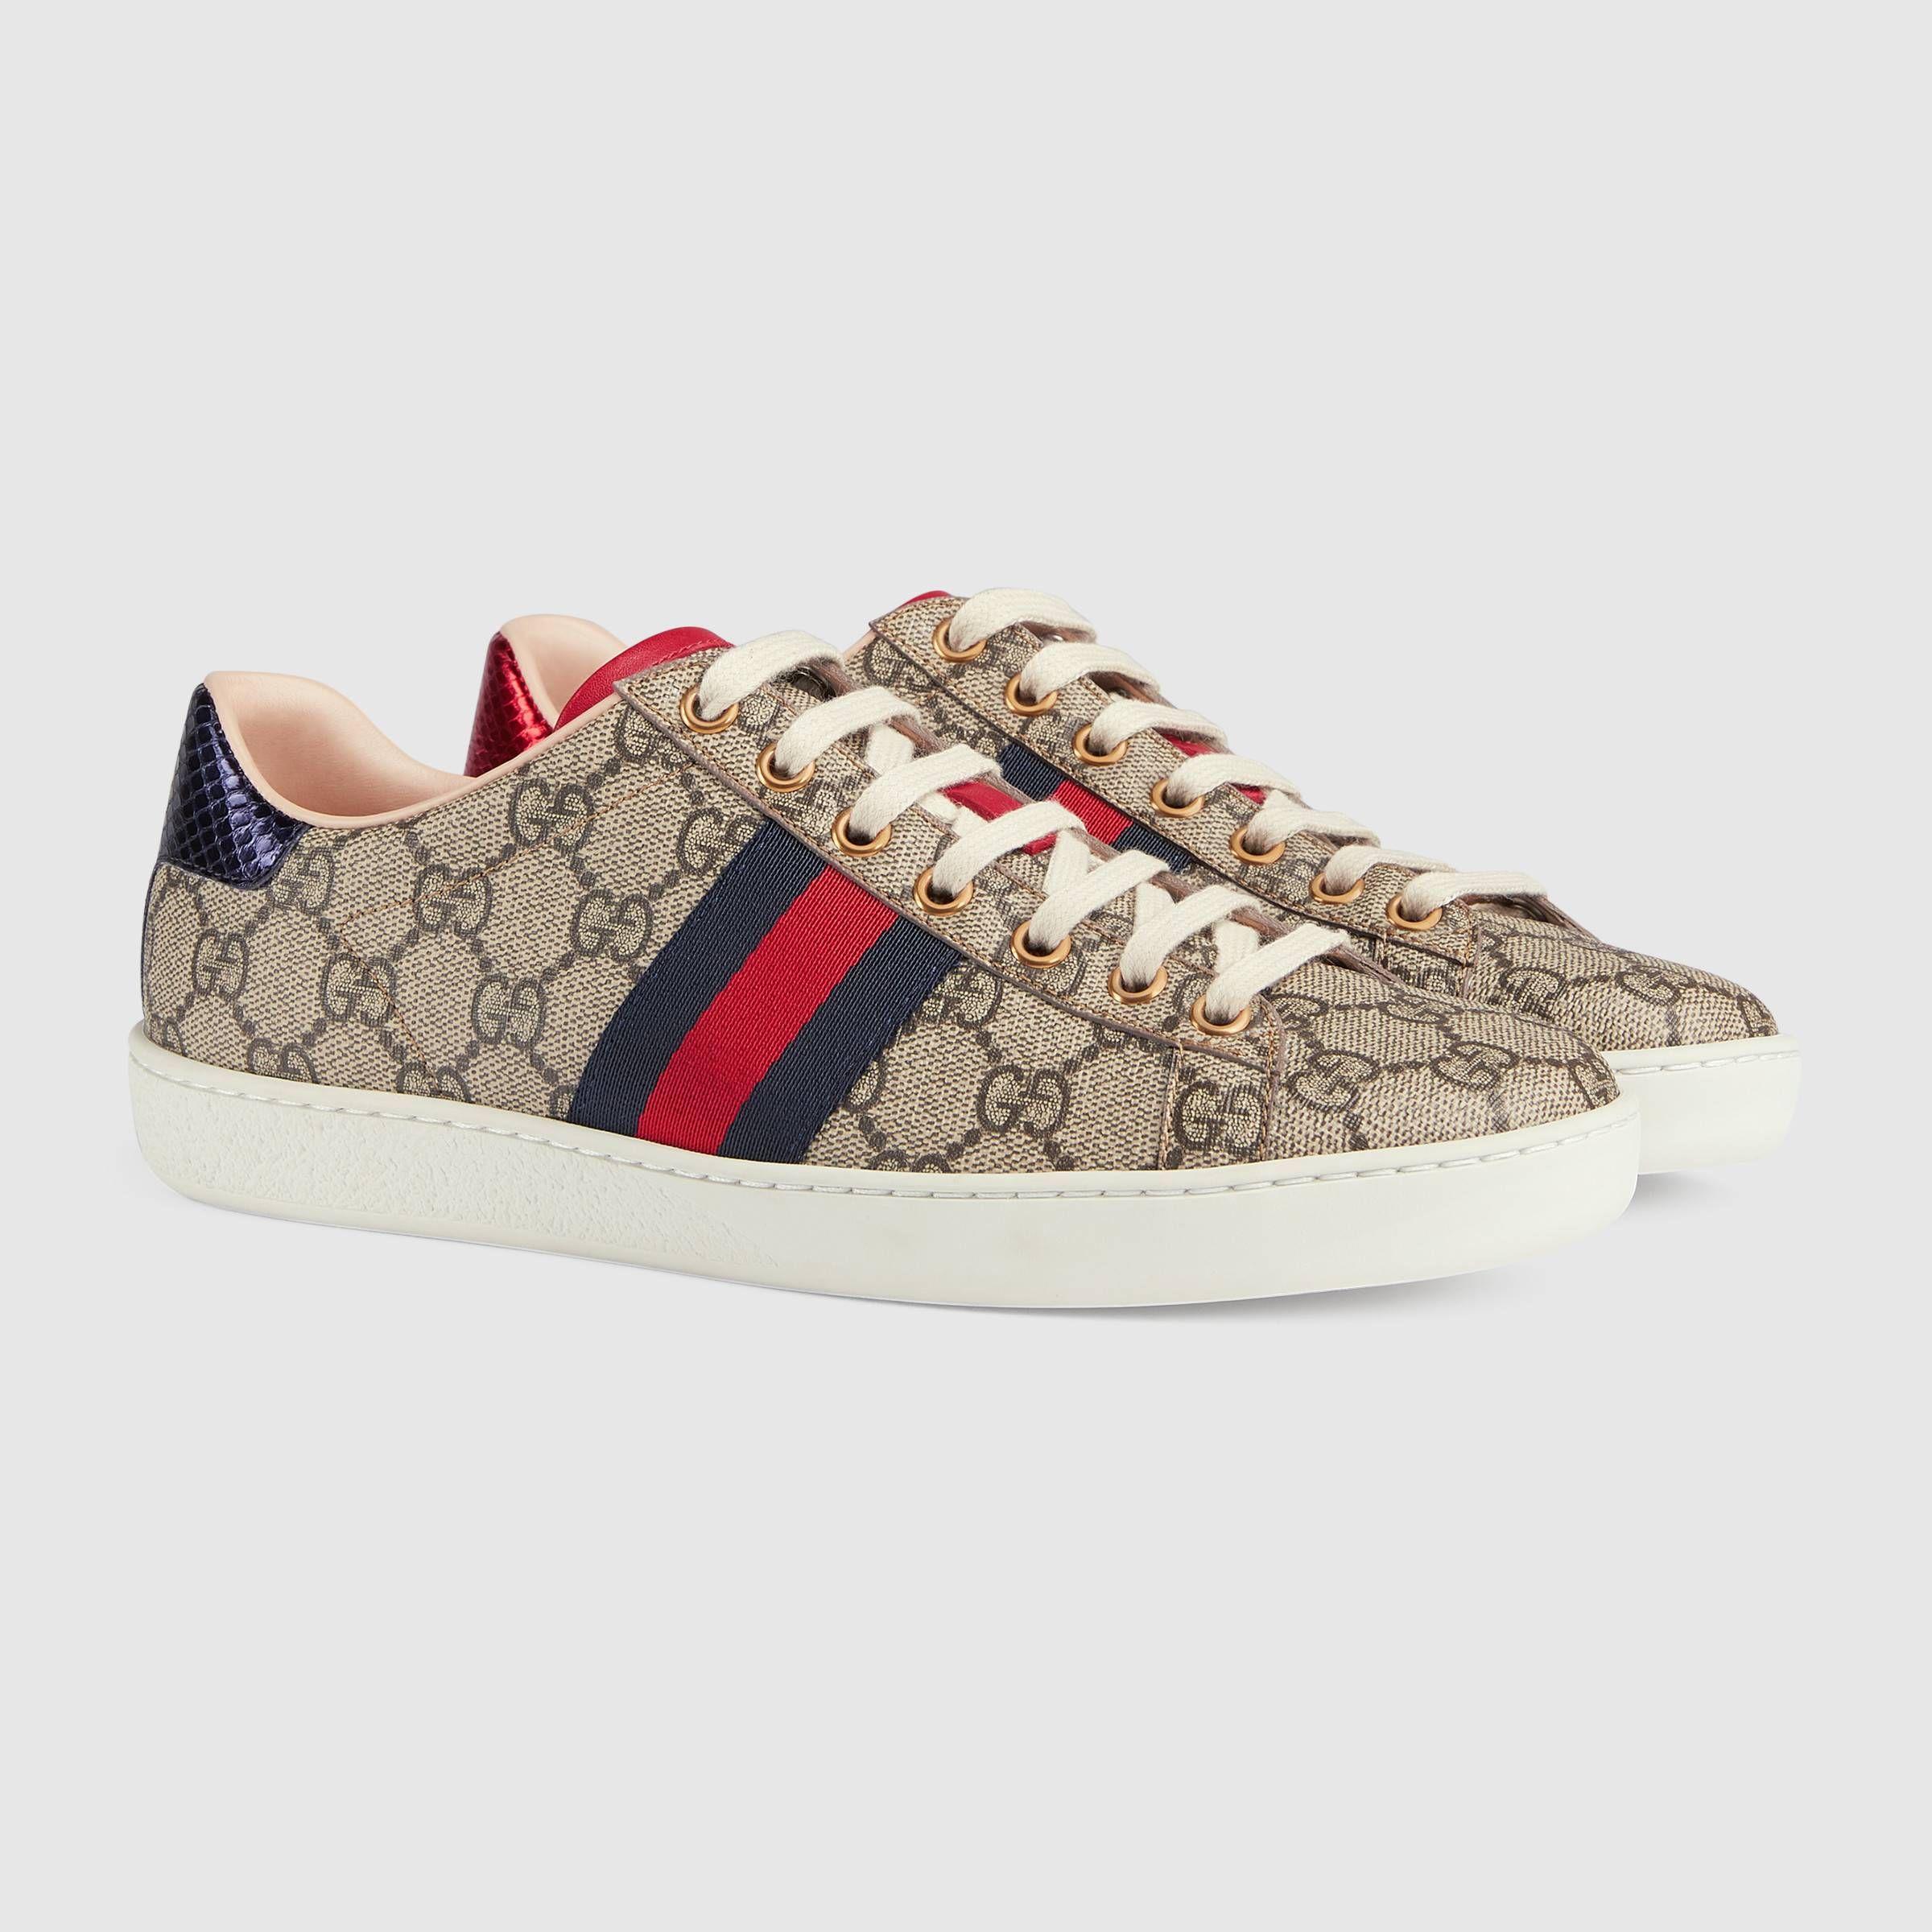 san francisco d2951 be2e4 Ace GG Supreme sneaker - Gucci Women s Sneakers 499410K2LH09768